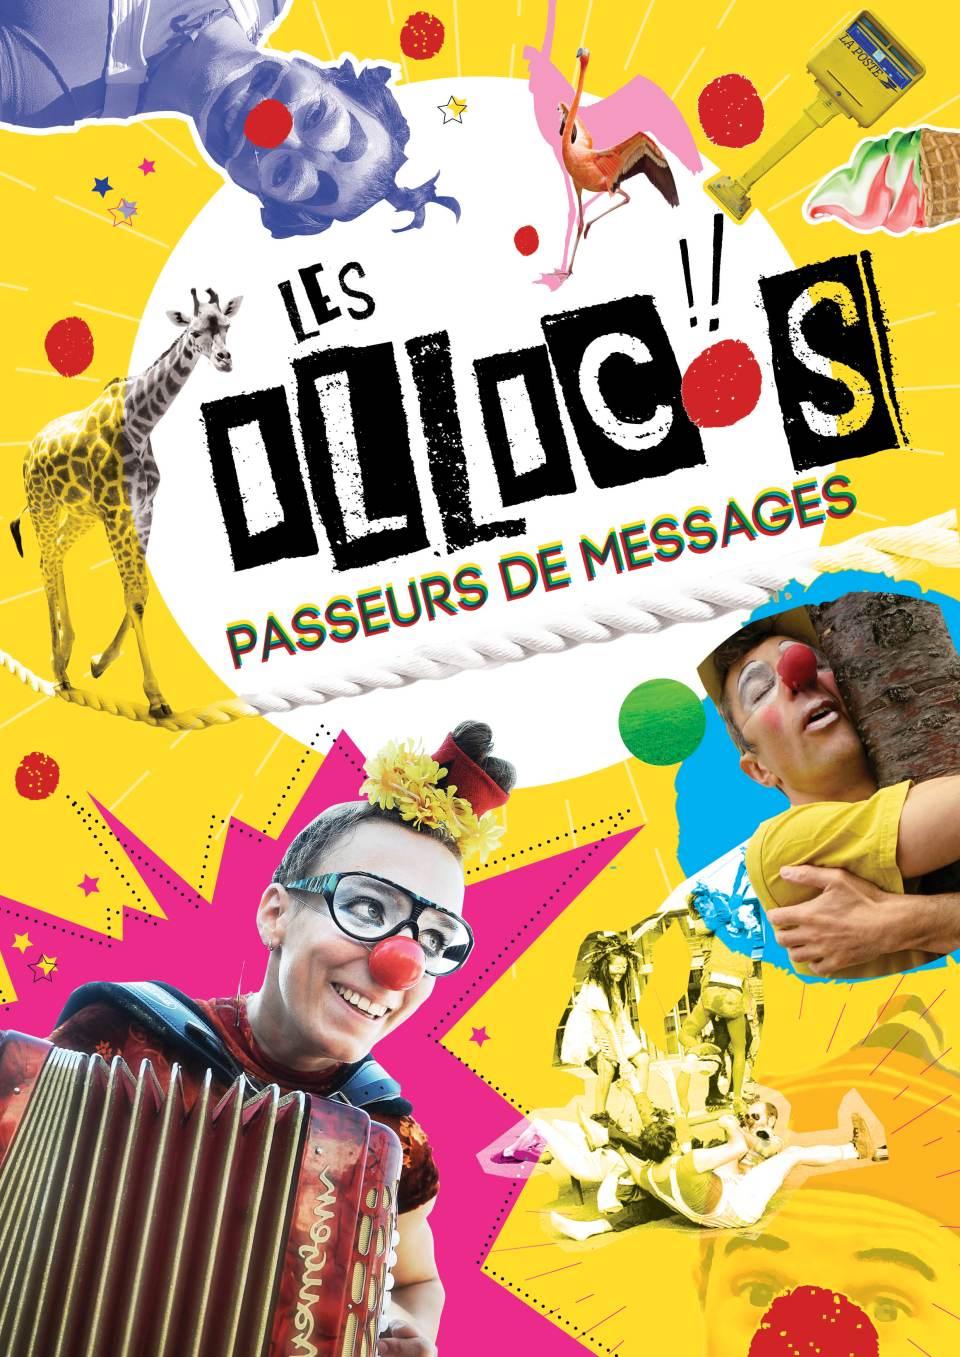 Les Illicos passeurs de message